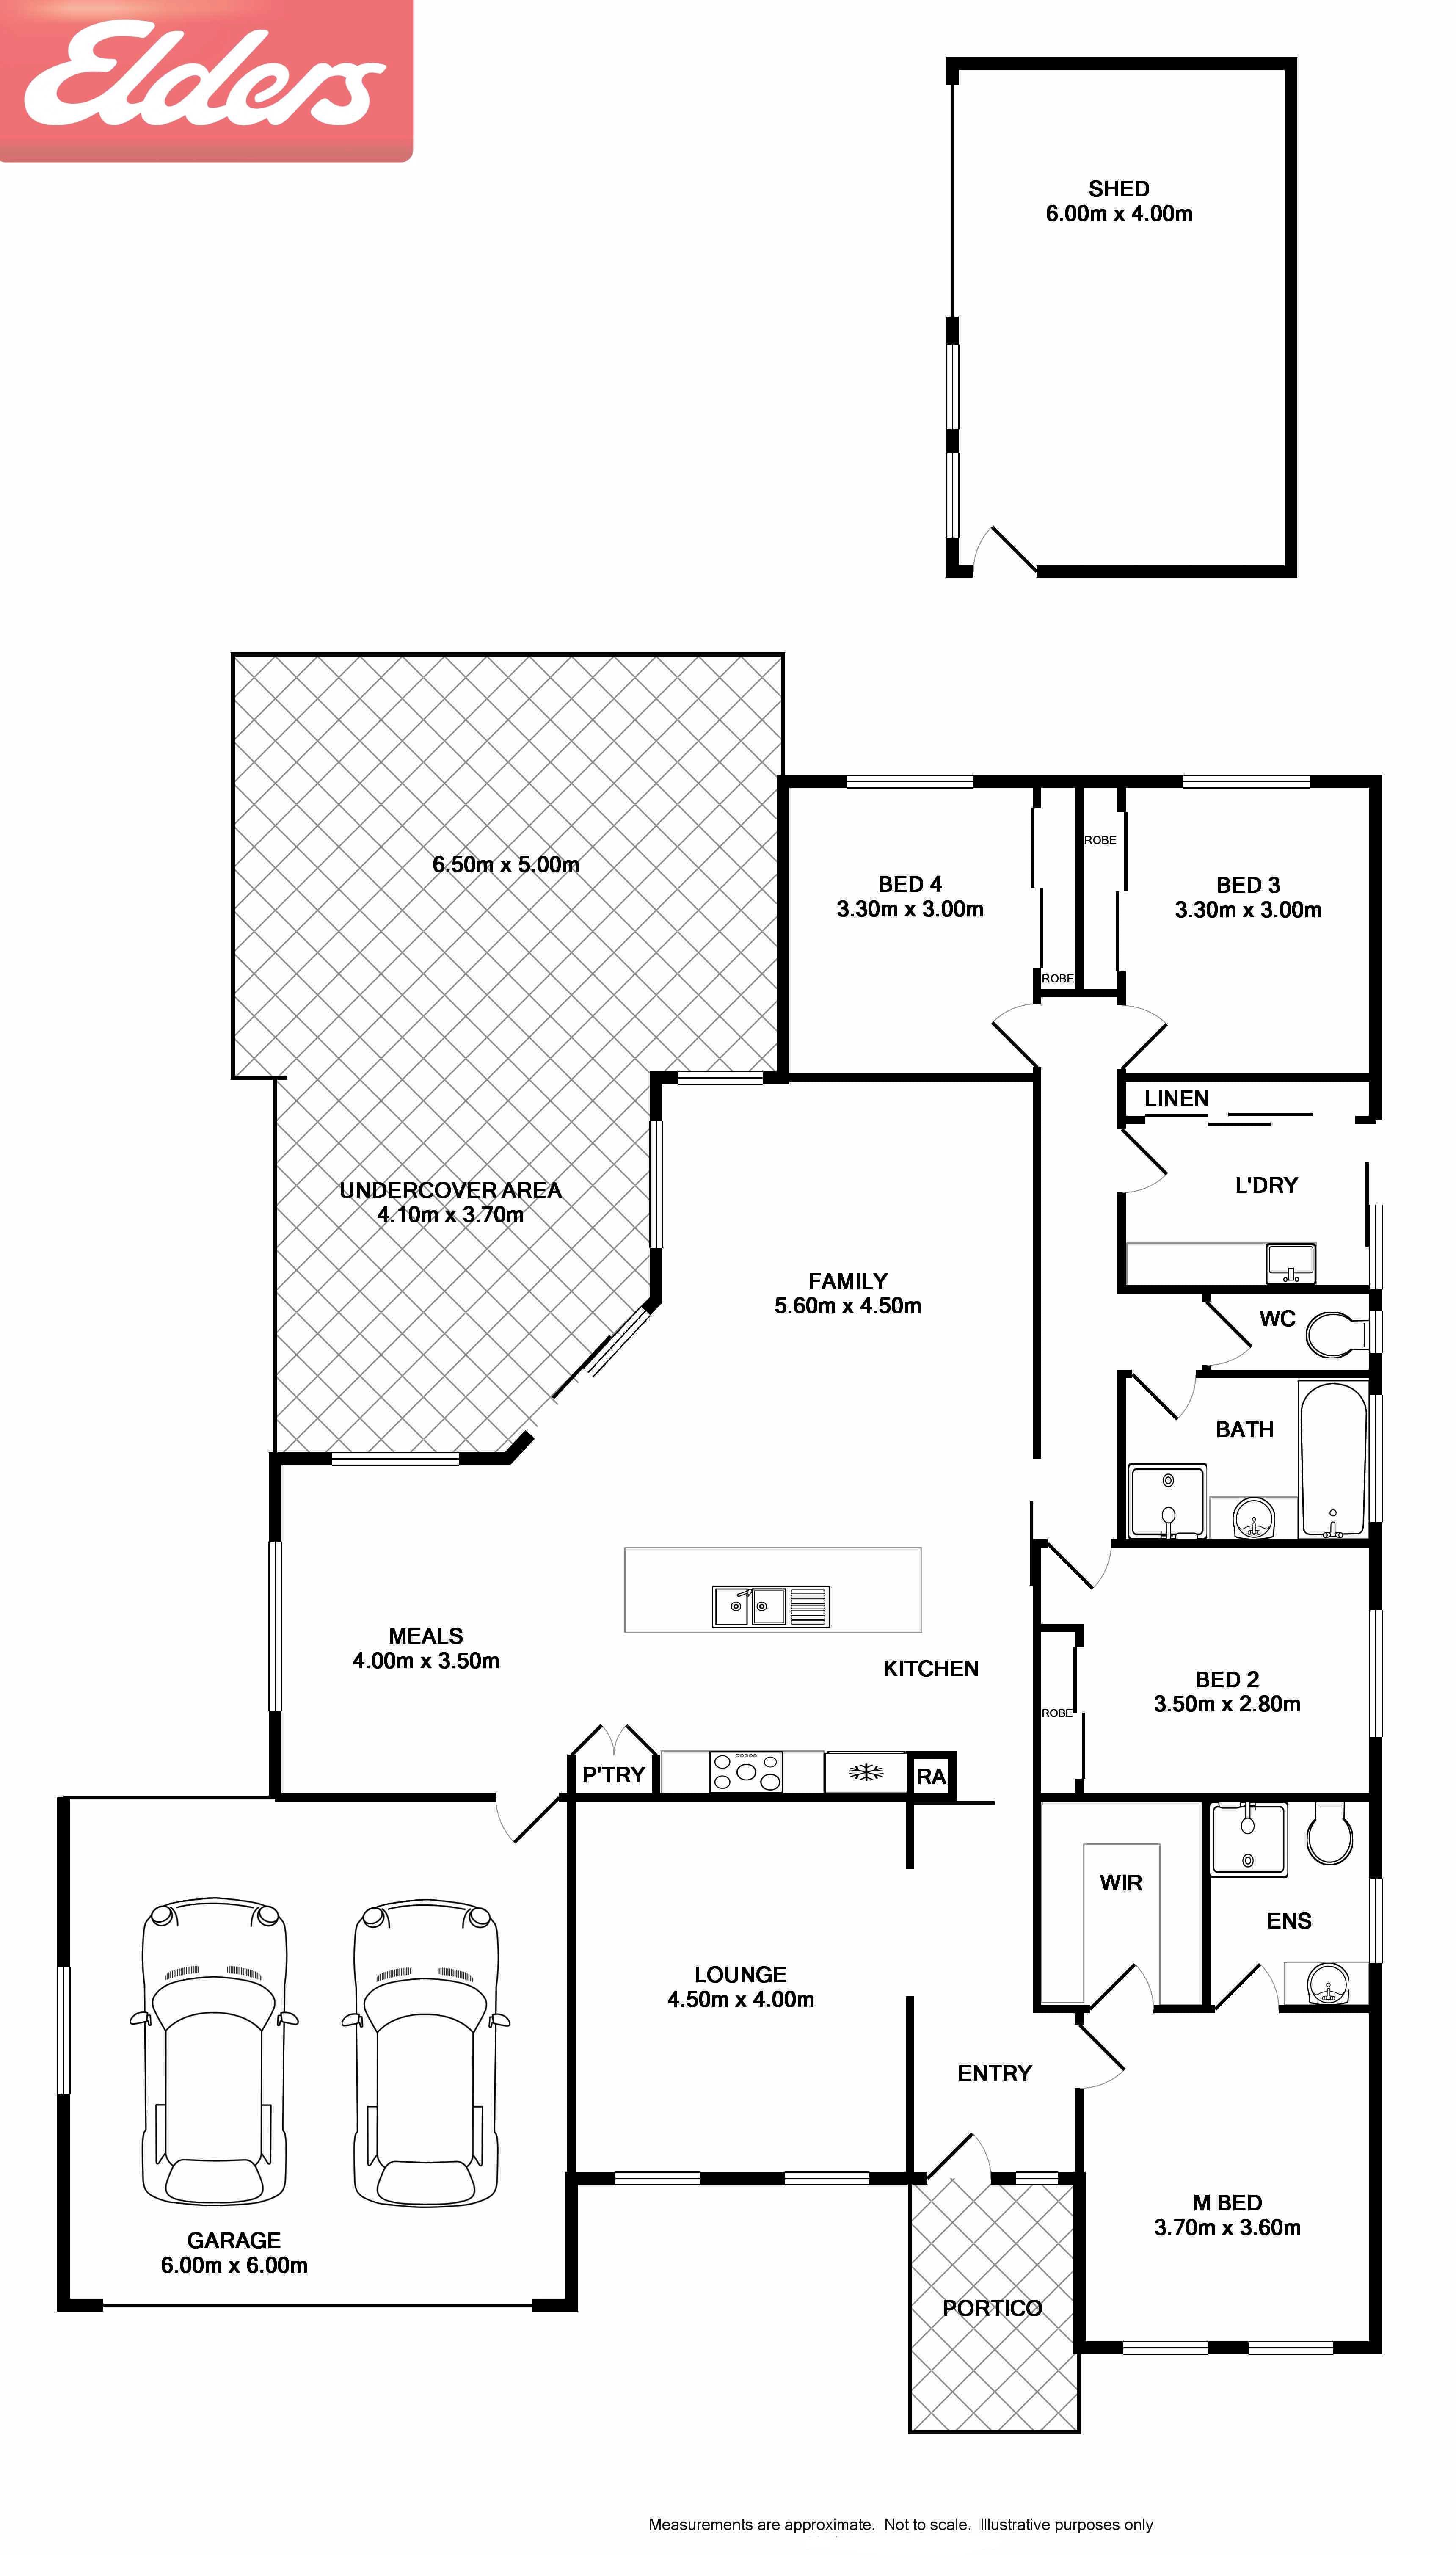 57 Craig Circuit Wodonga Vic 3690 Sold Elders Real Estate 0413 Rocker Switch Wiring Diagram Floorplan 1